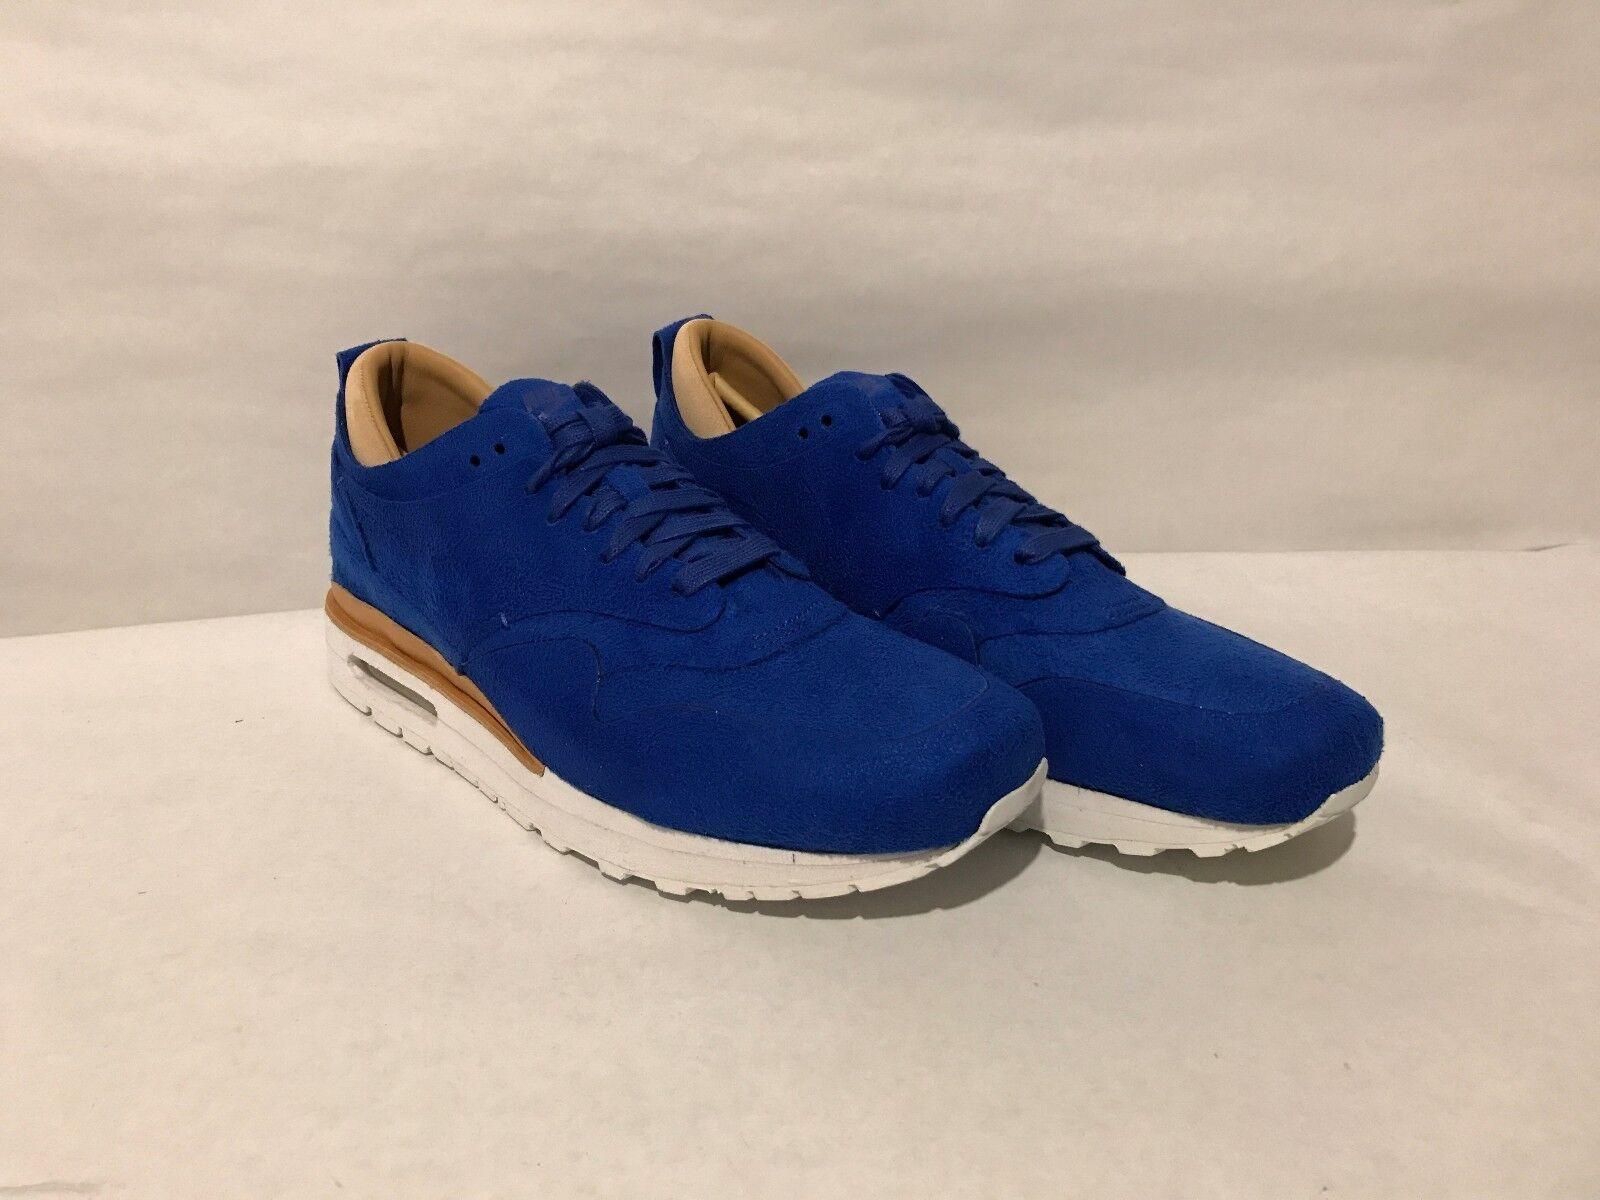 847671-441 Nike Air Max 1 Royal  bluee  Running Royal Summit Wht Size 9-11 No Top